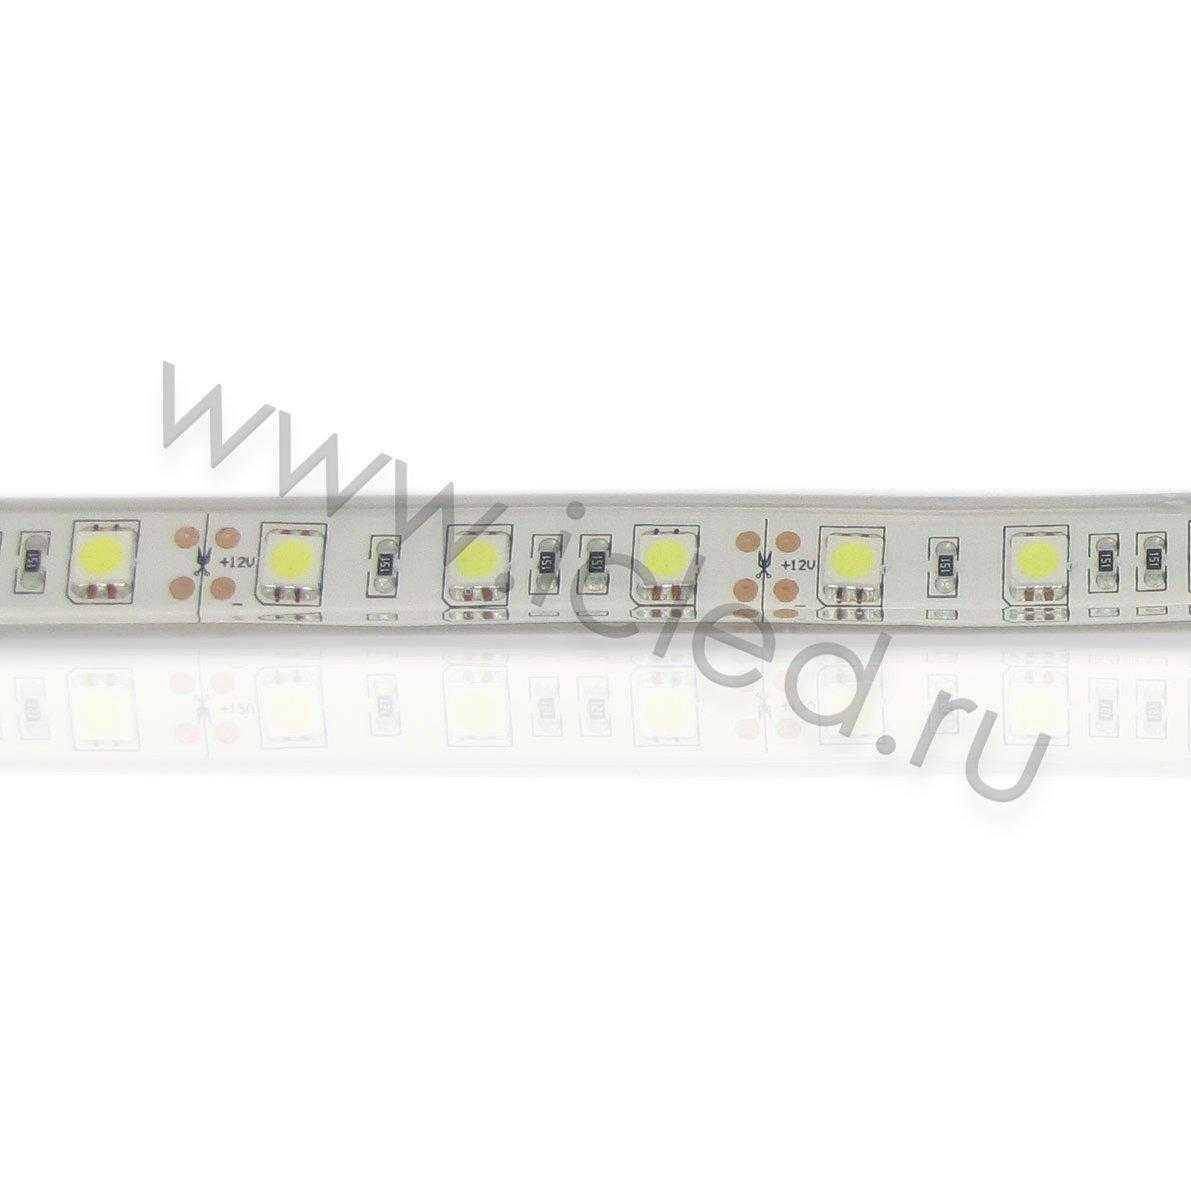 Светодиодная лента Class B, 5050, 60led/m, White, 24V, IP68